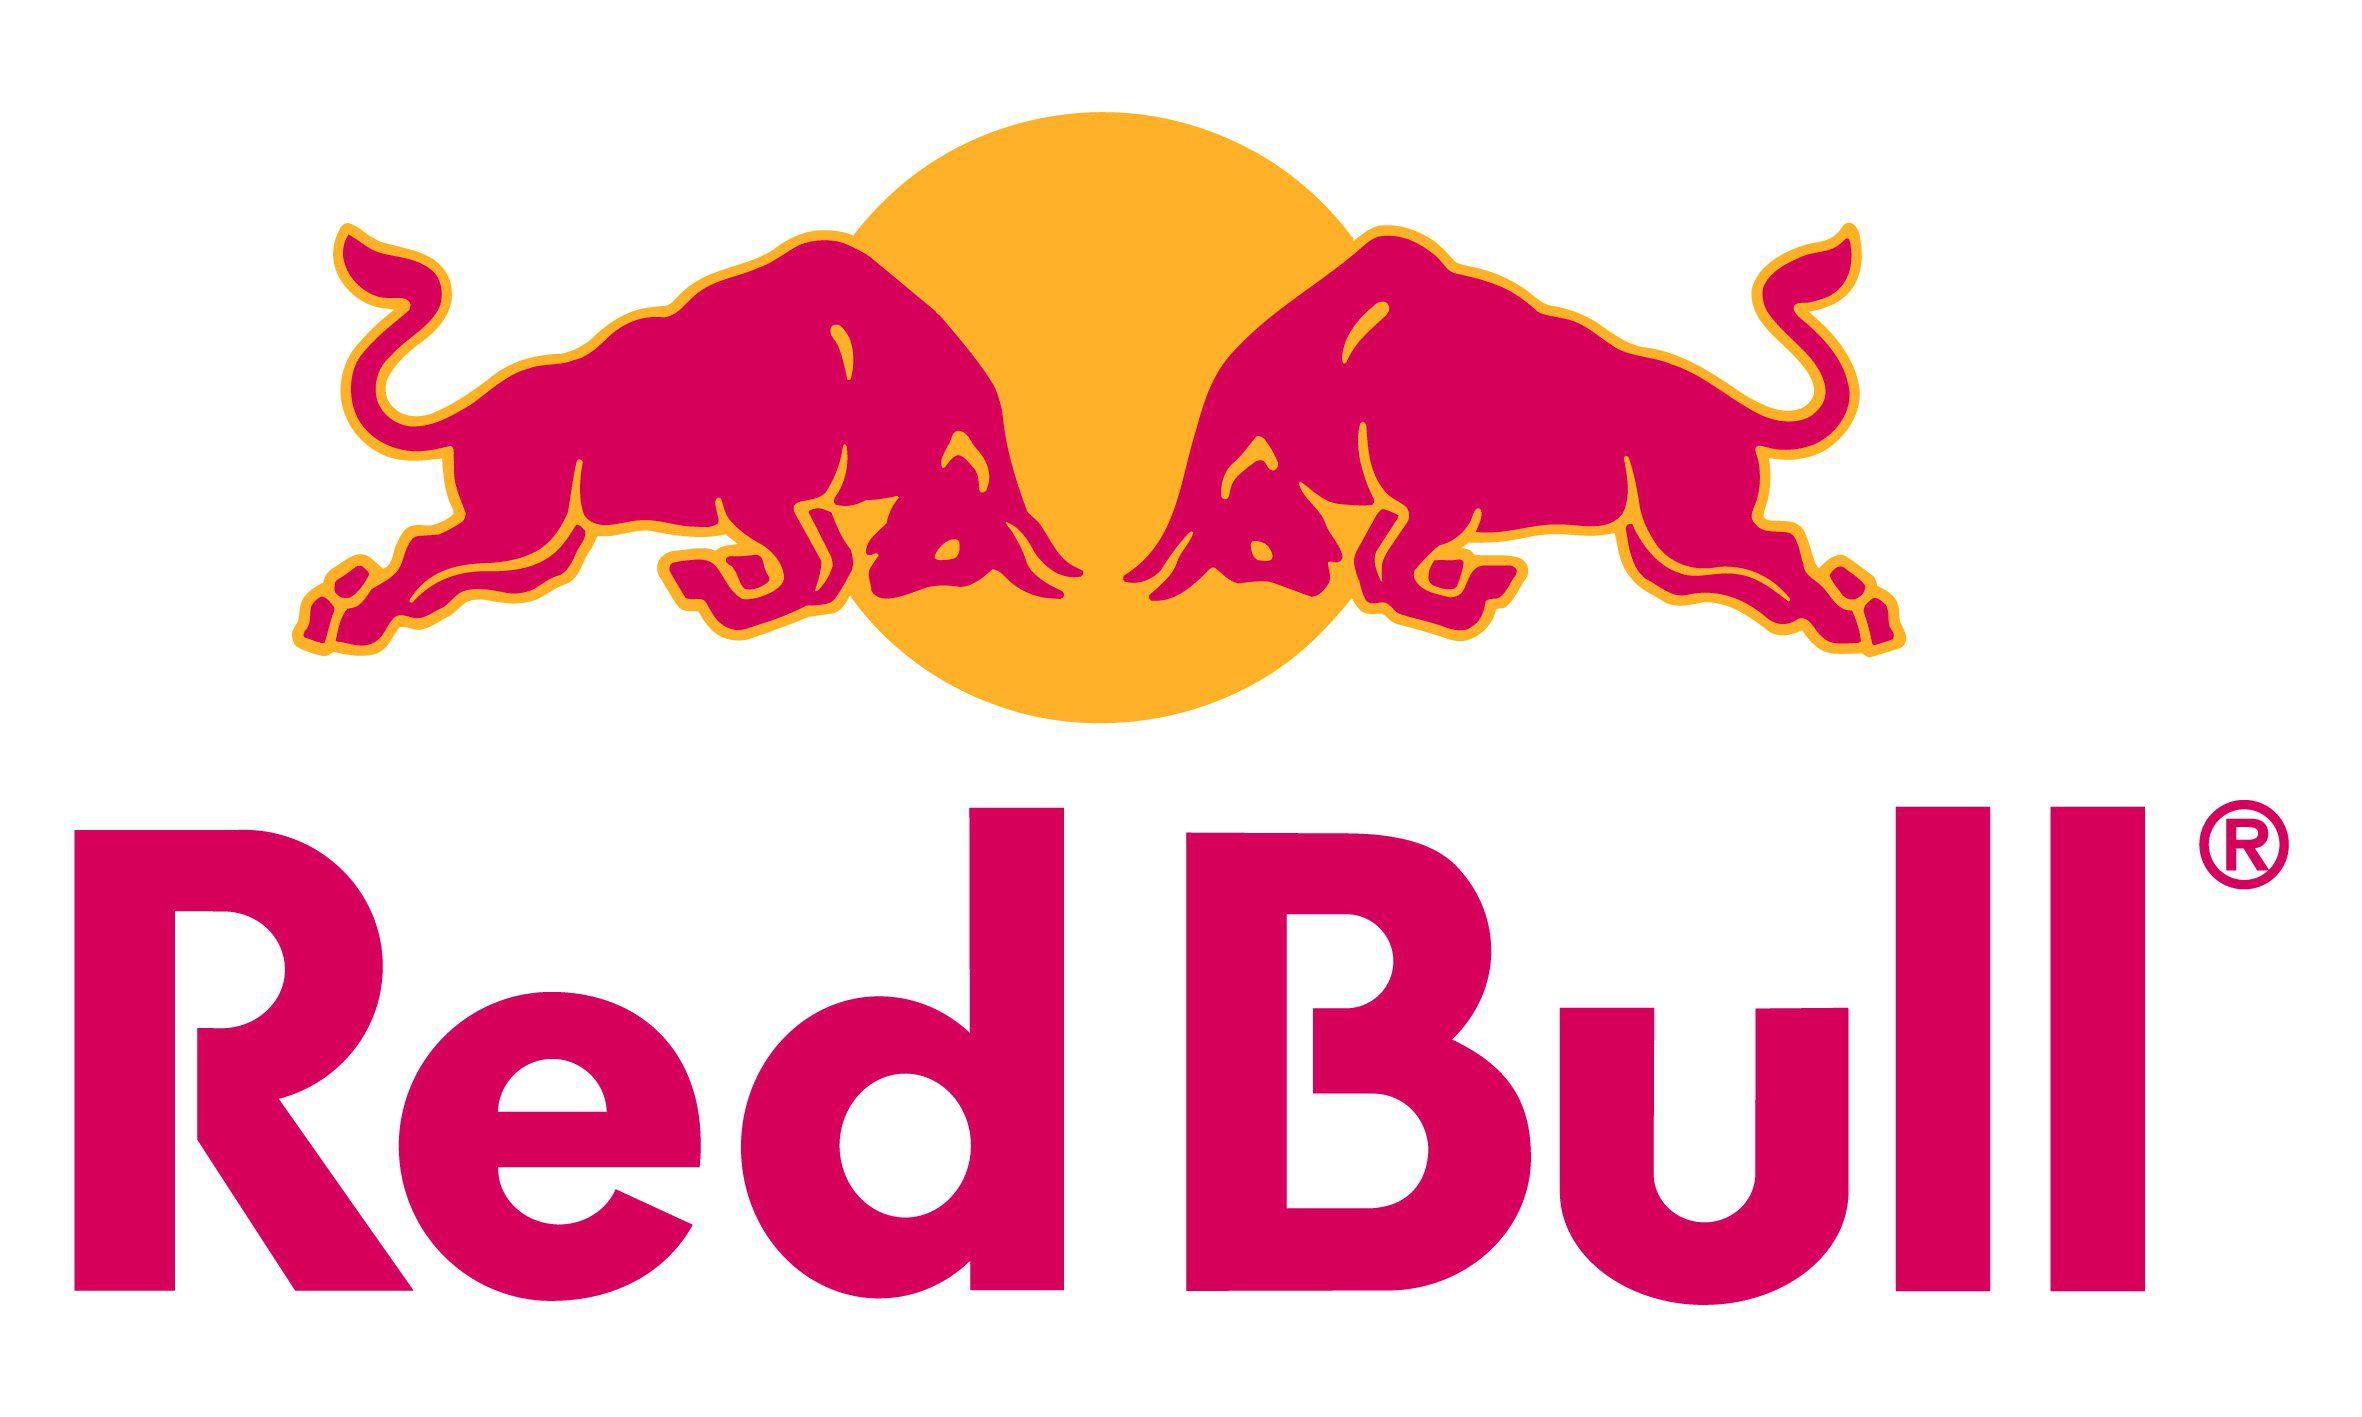 redbull_logo.jpg - large